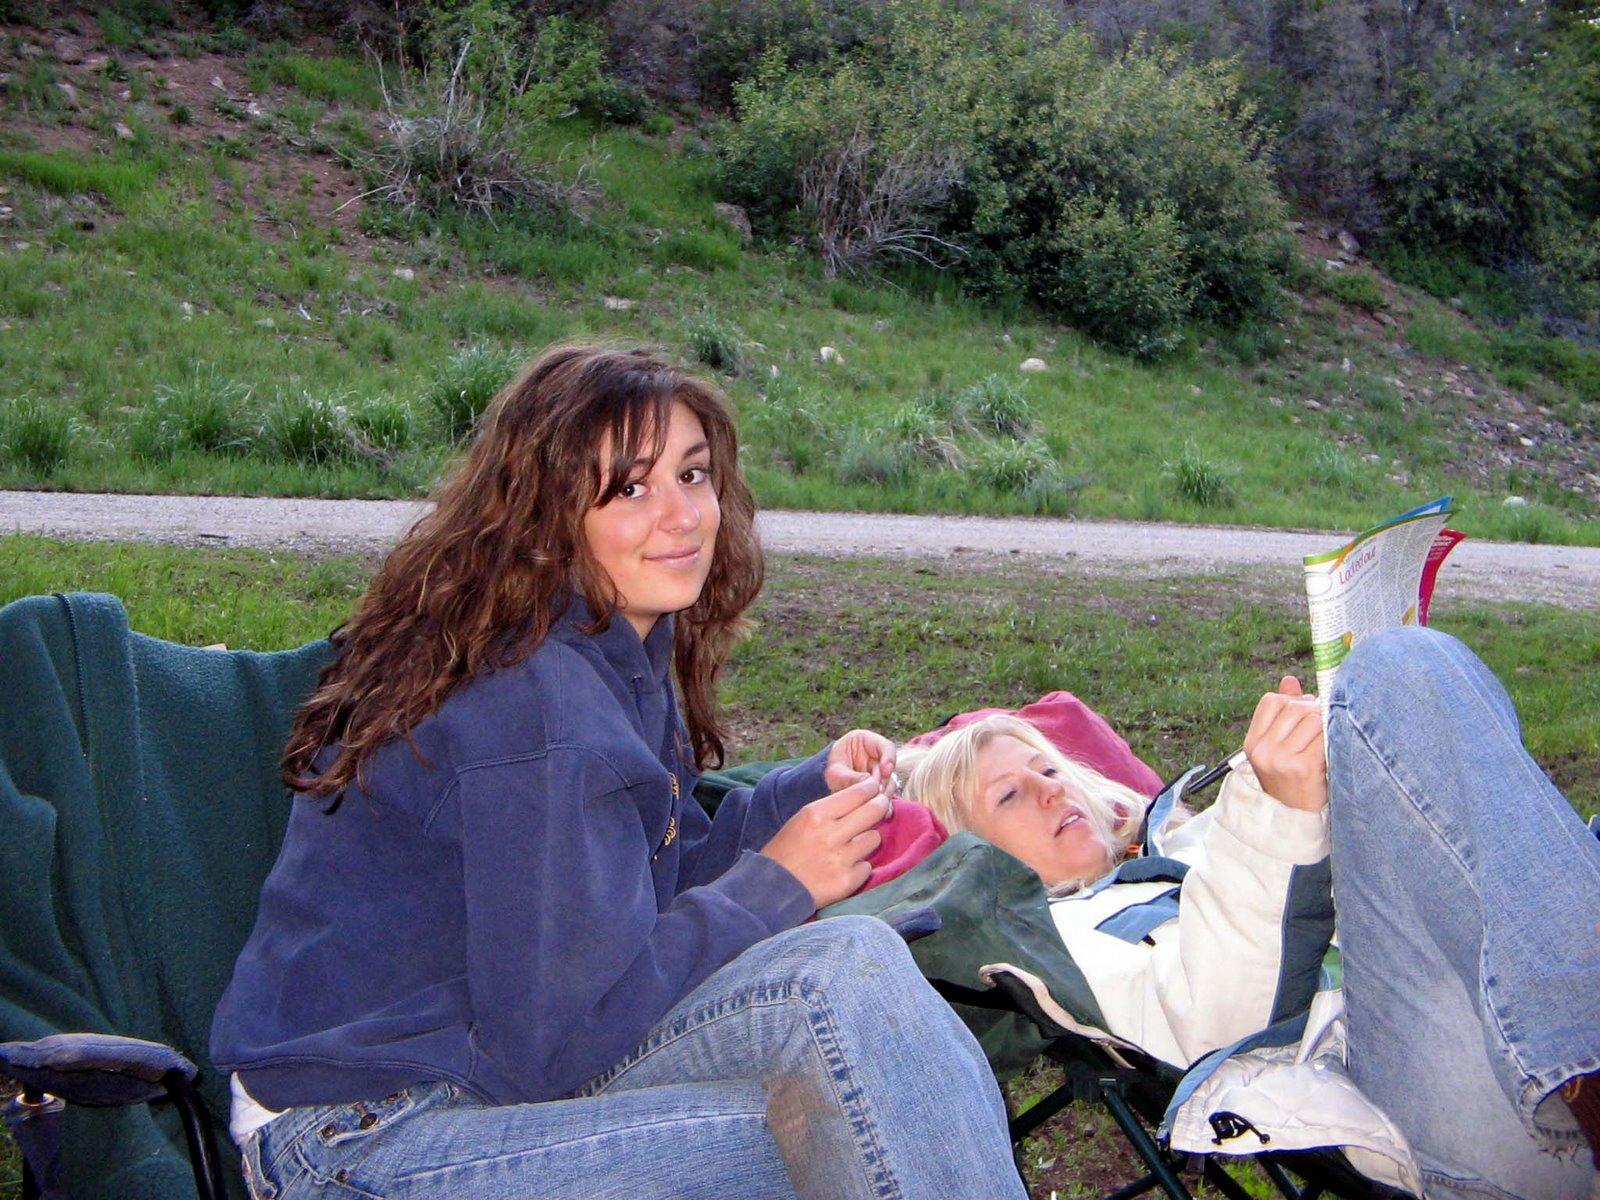 [Sarah+&+Kara+camping]